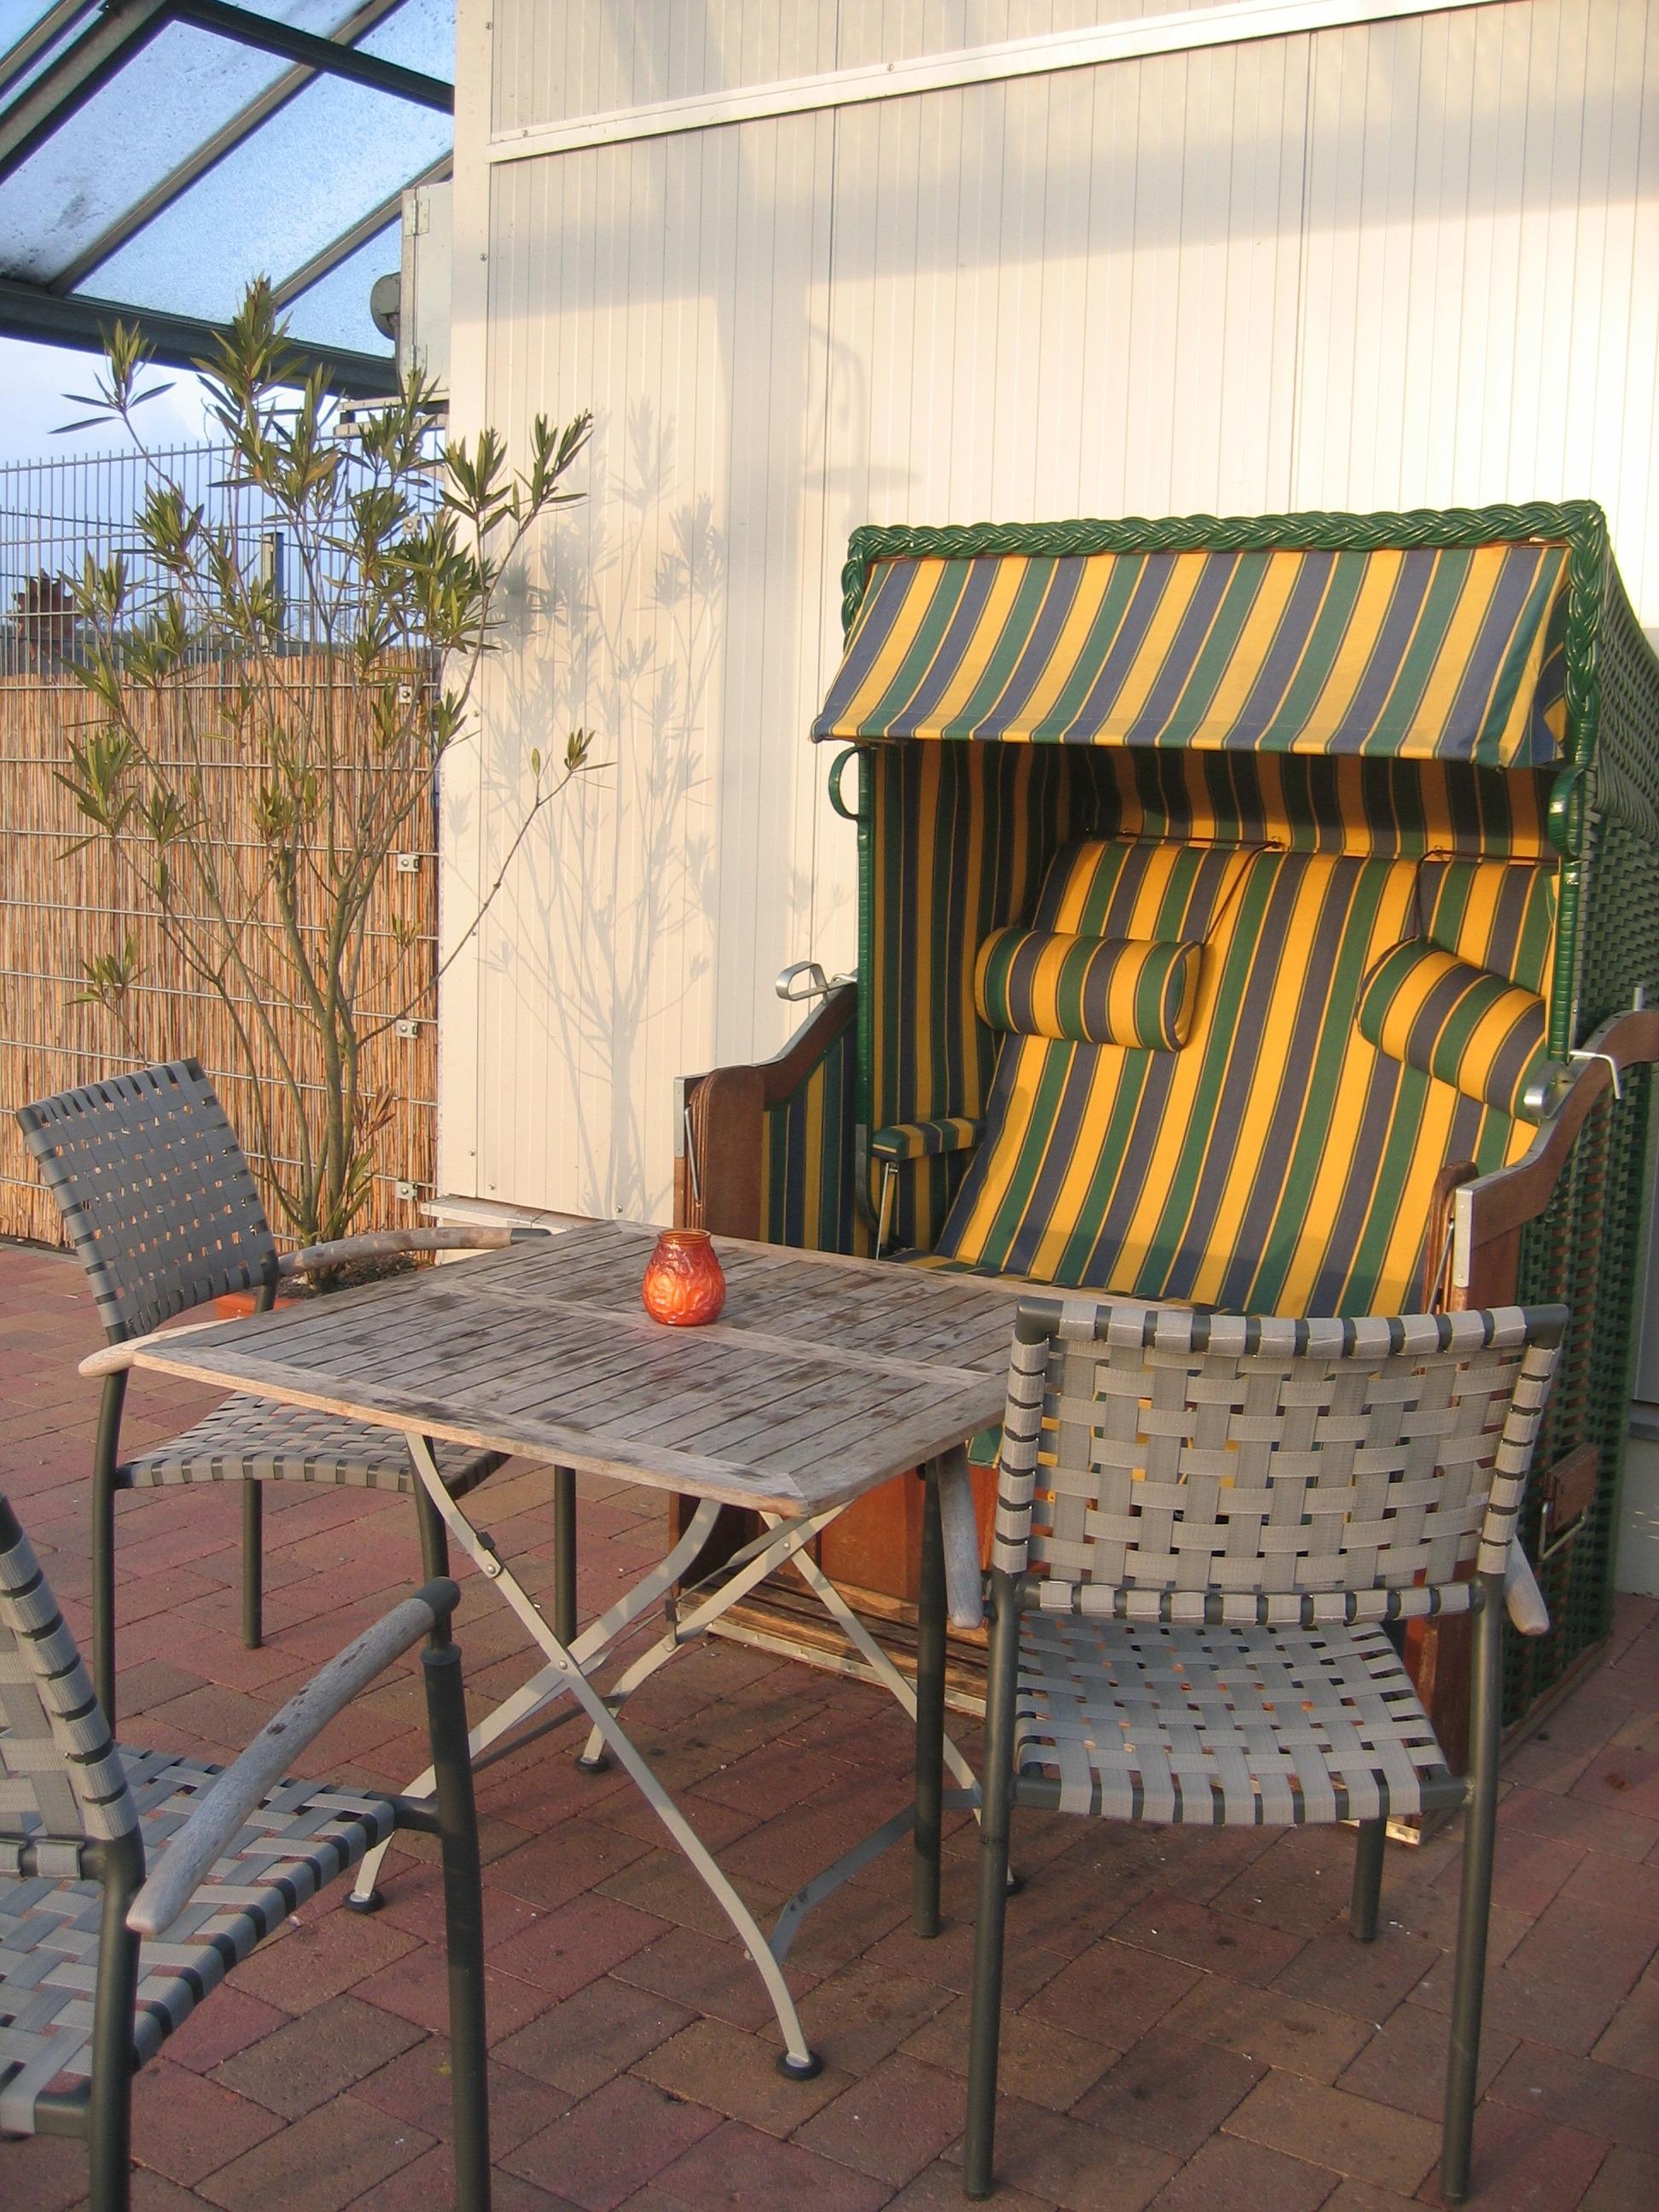 Fotos gratis : mesa, madera, pared, porche, cabaña, patio interior ...